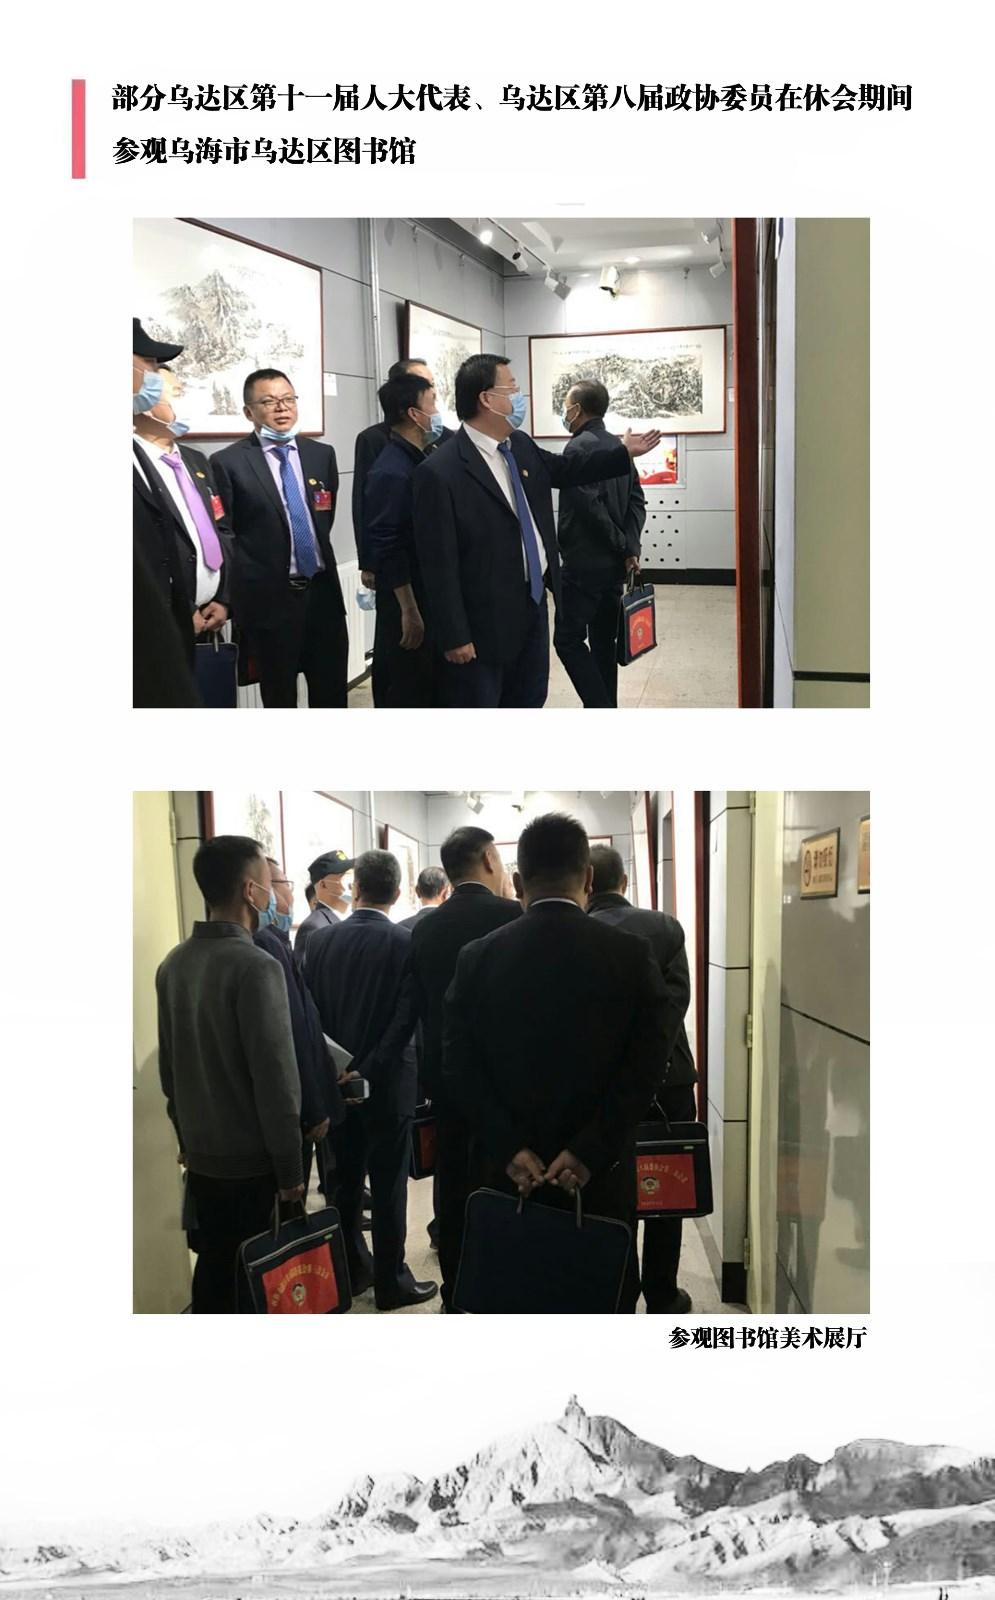 我区部分人大代表、政协委员参观内蒙古乌海市乌达区图书馆 ..._图1-3